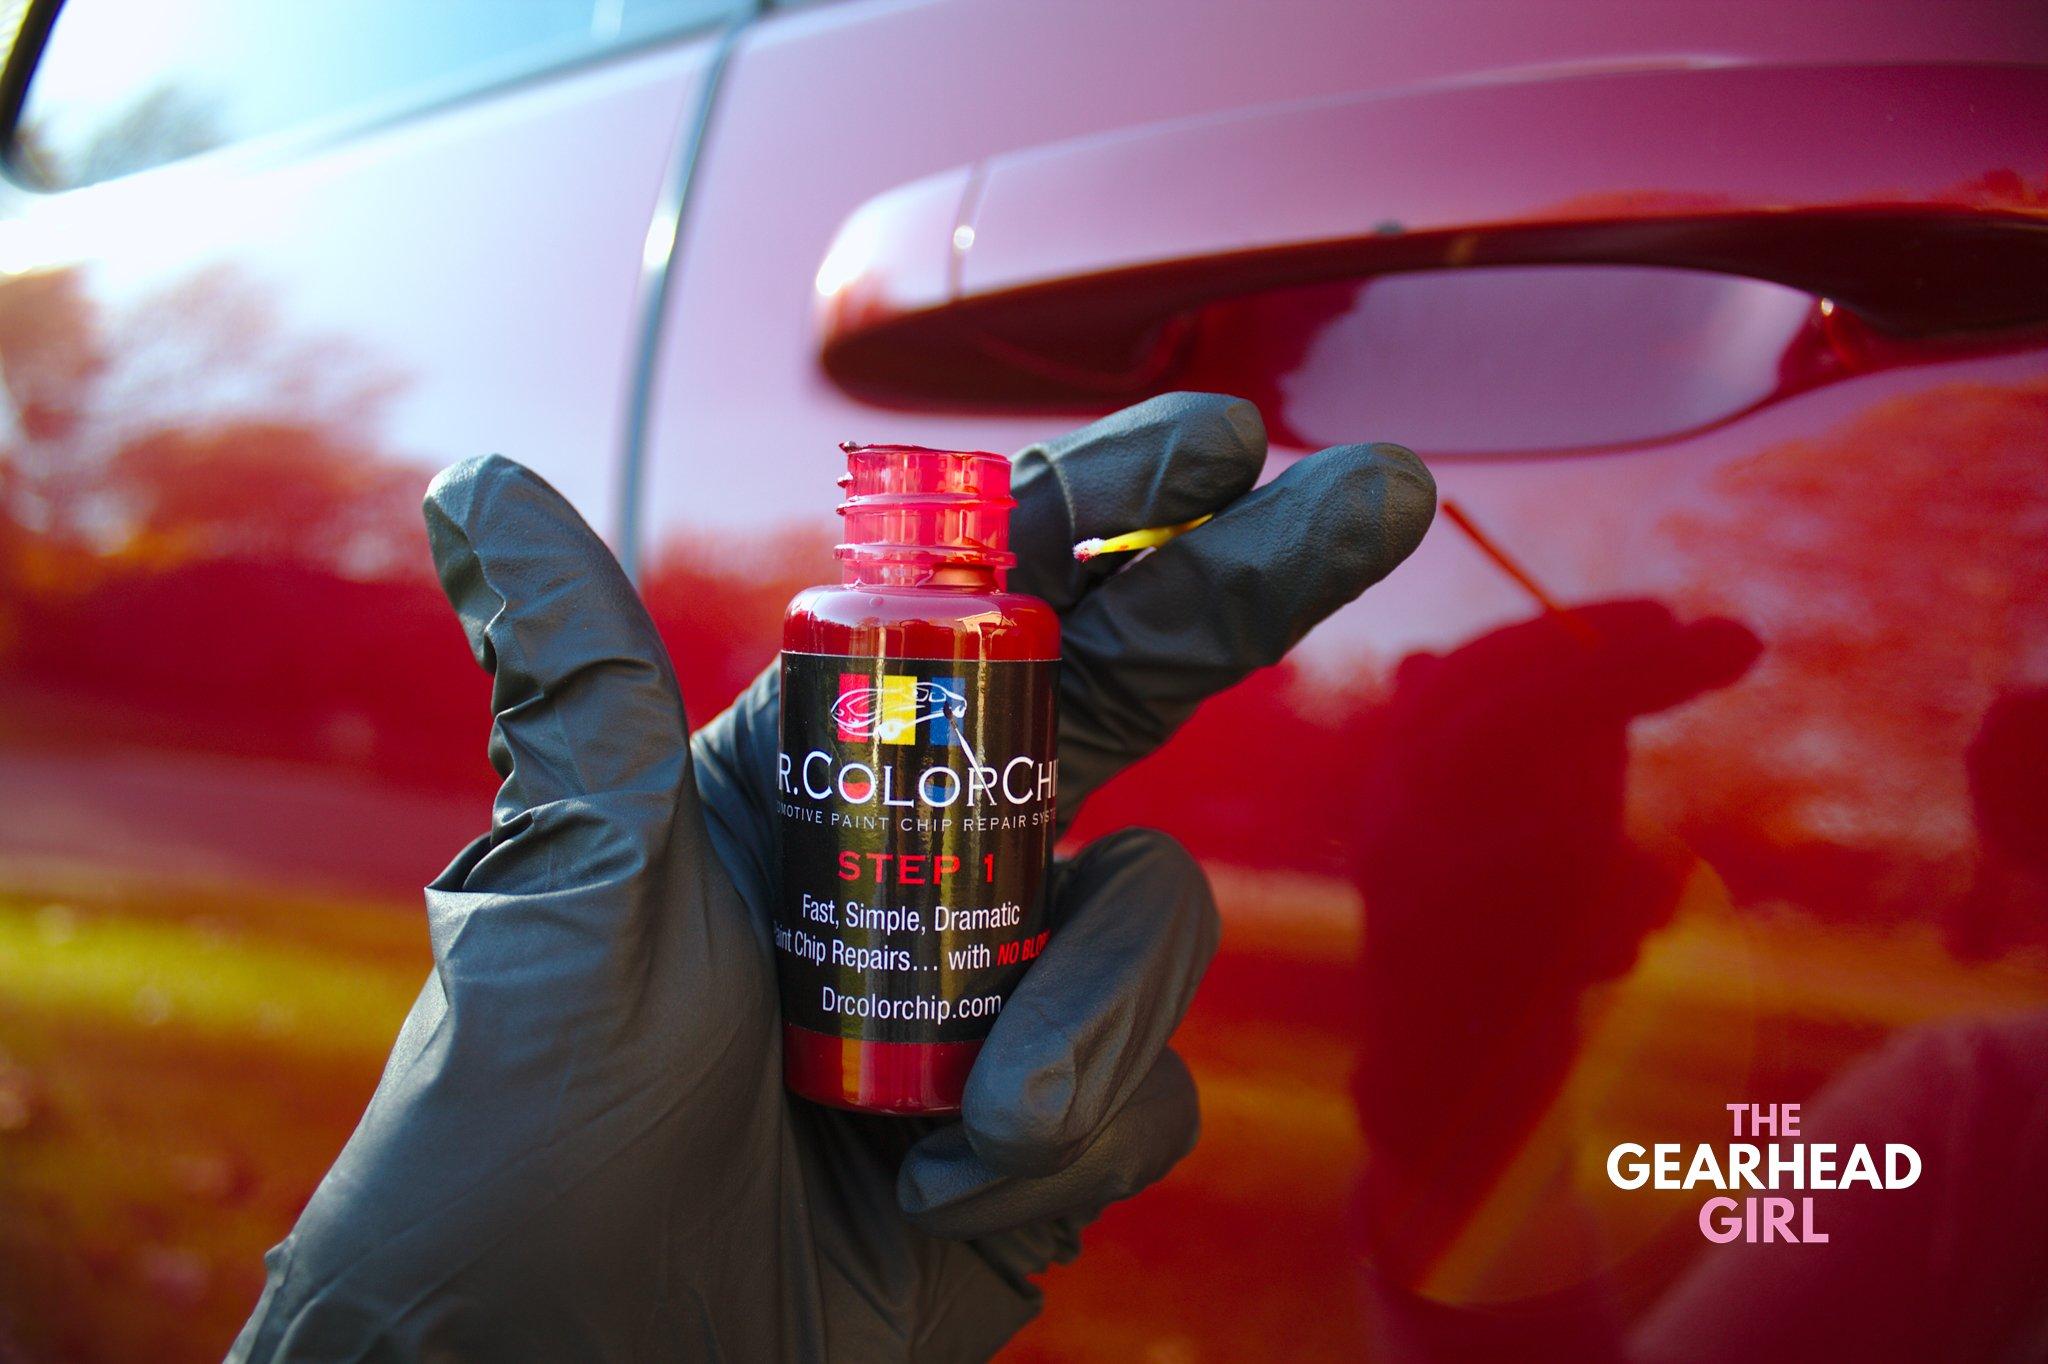 Dr. ColorChip touch-up paint